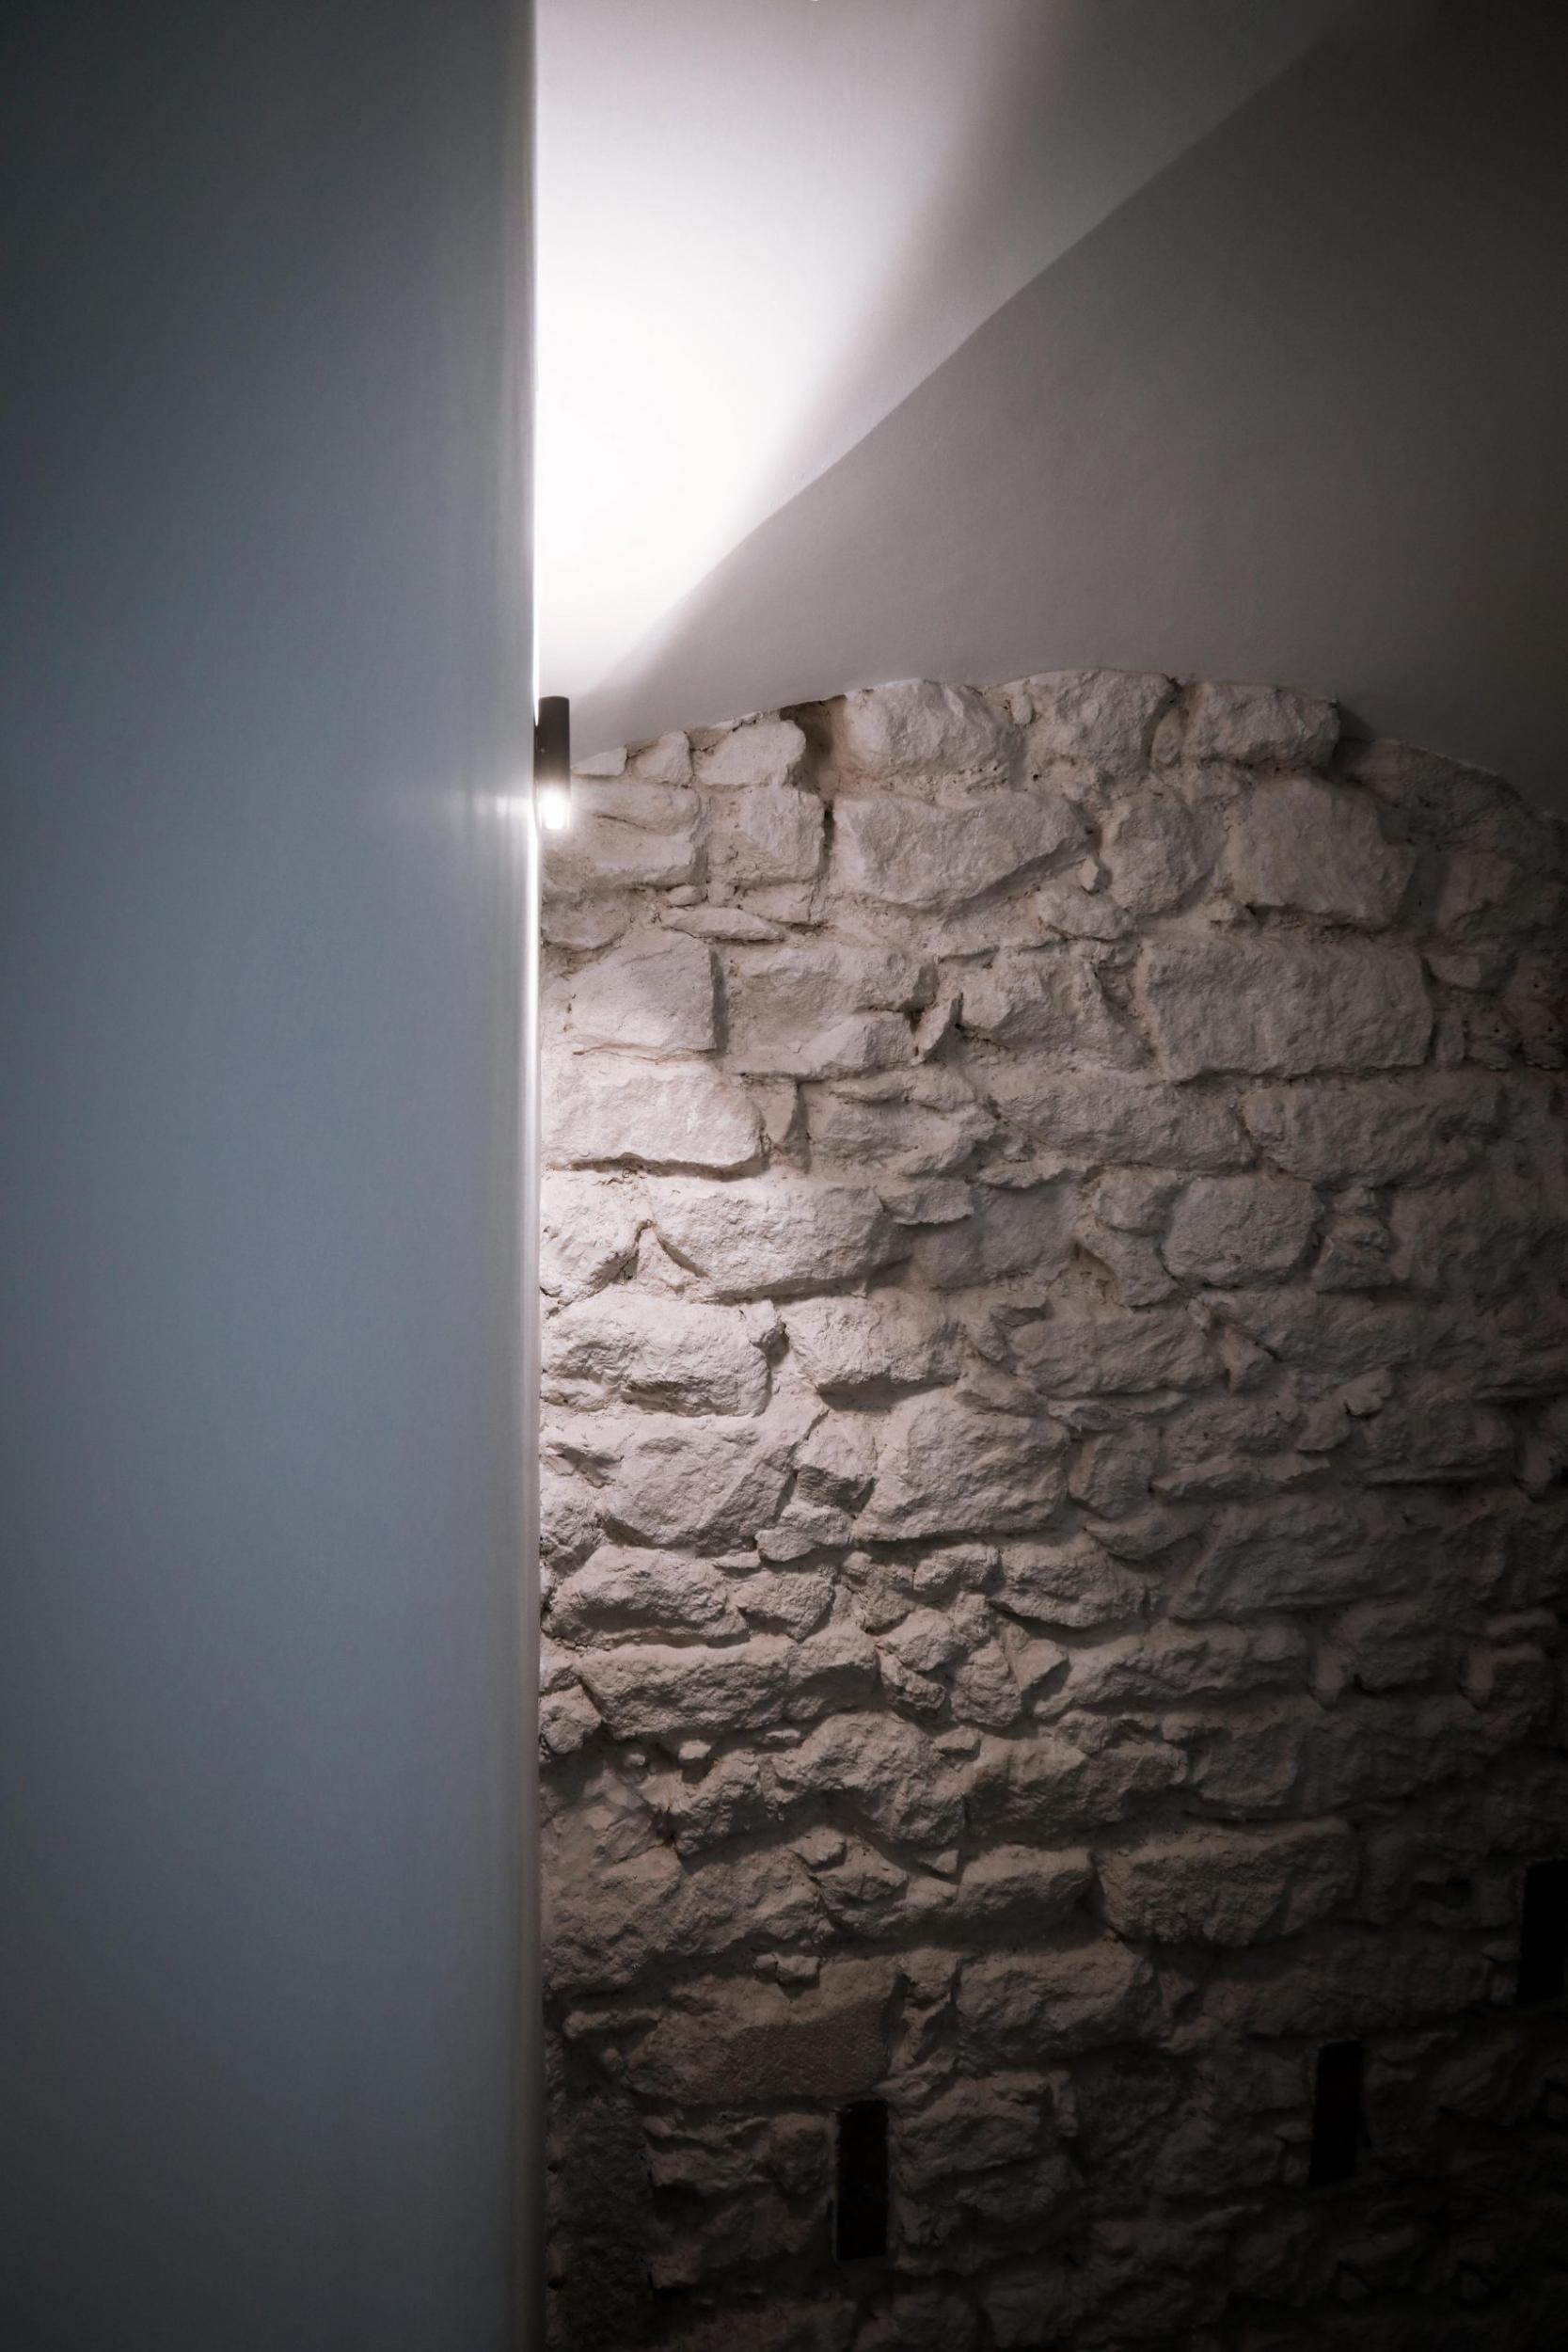 Luminaria y muro de piedra de Labradores 24. Zonas comunes.